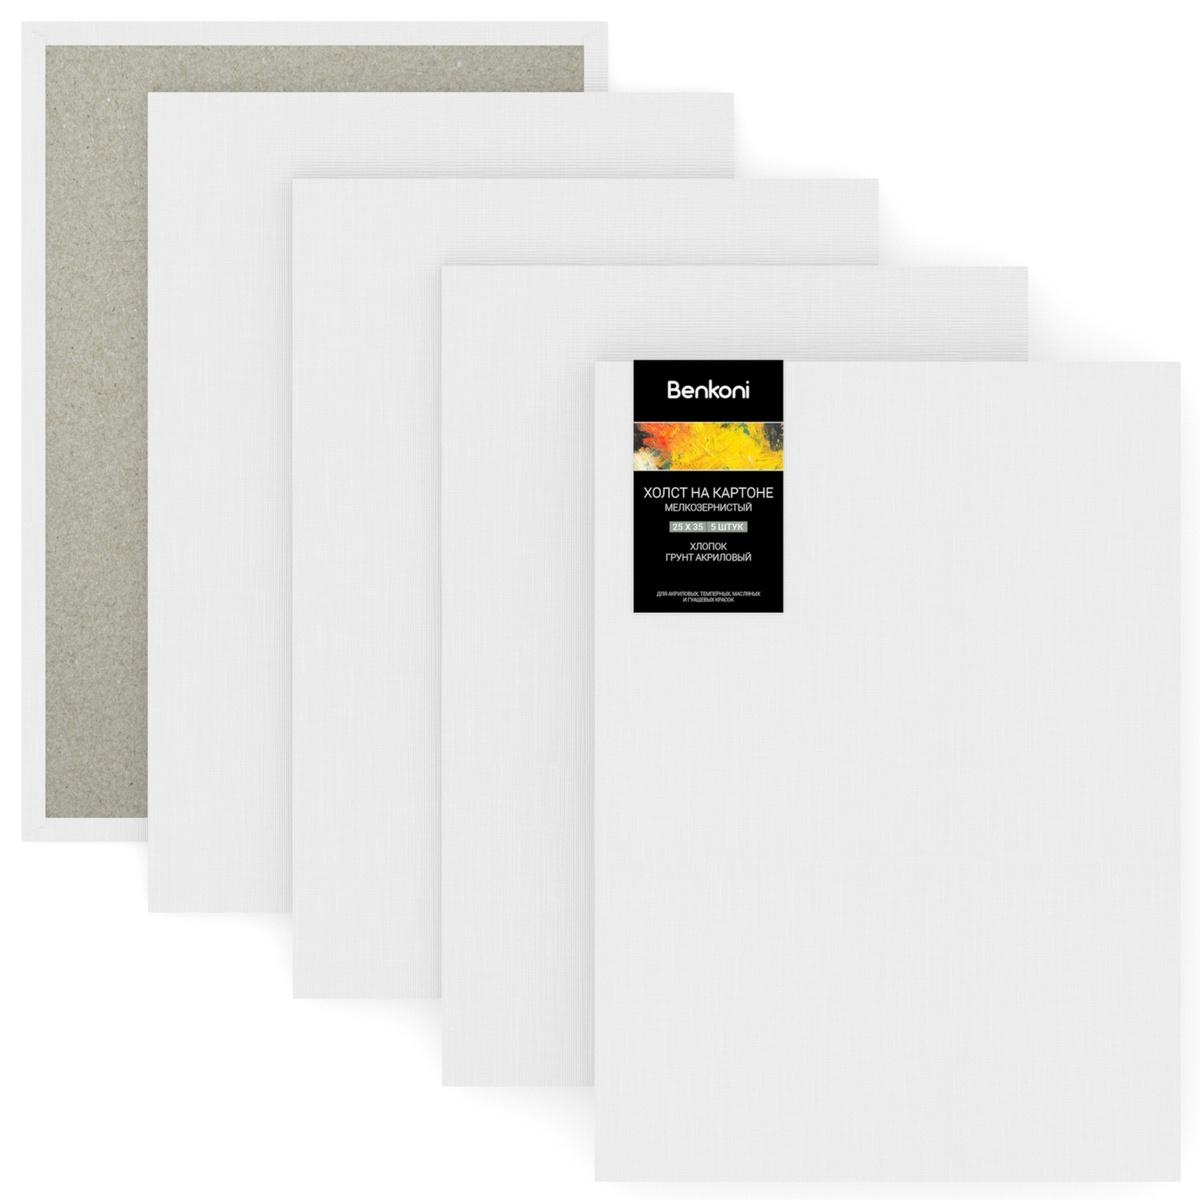 Набор холстов на картоне, грунтованный мелкозернистый хлопок 280 г/м2, 25х35 см, 5 шт  #1